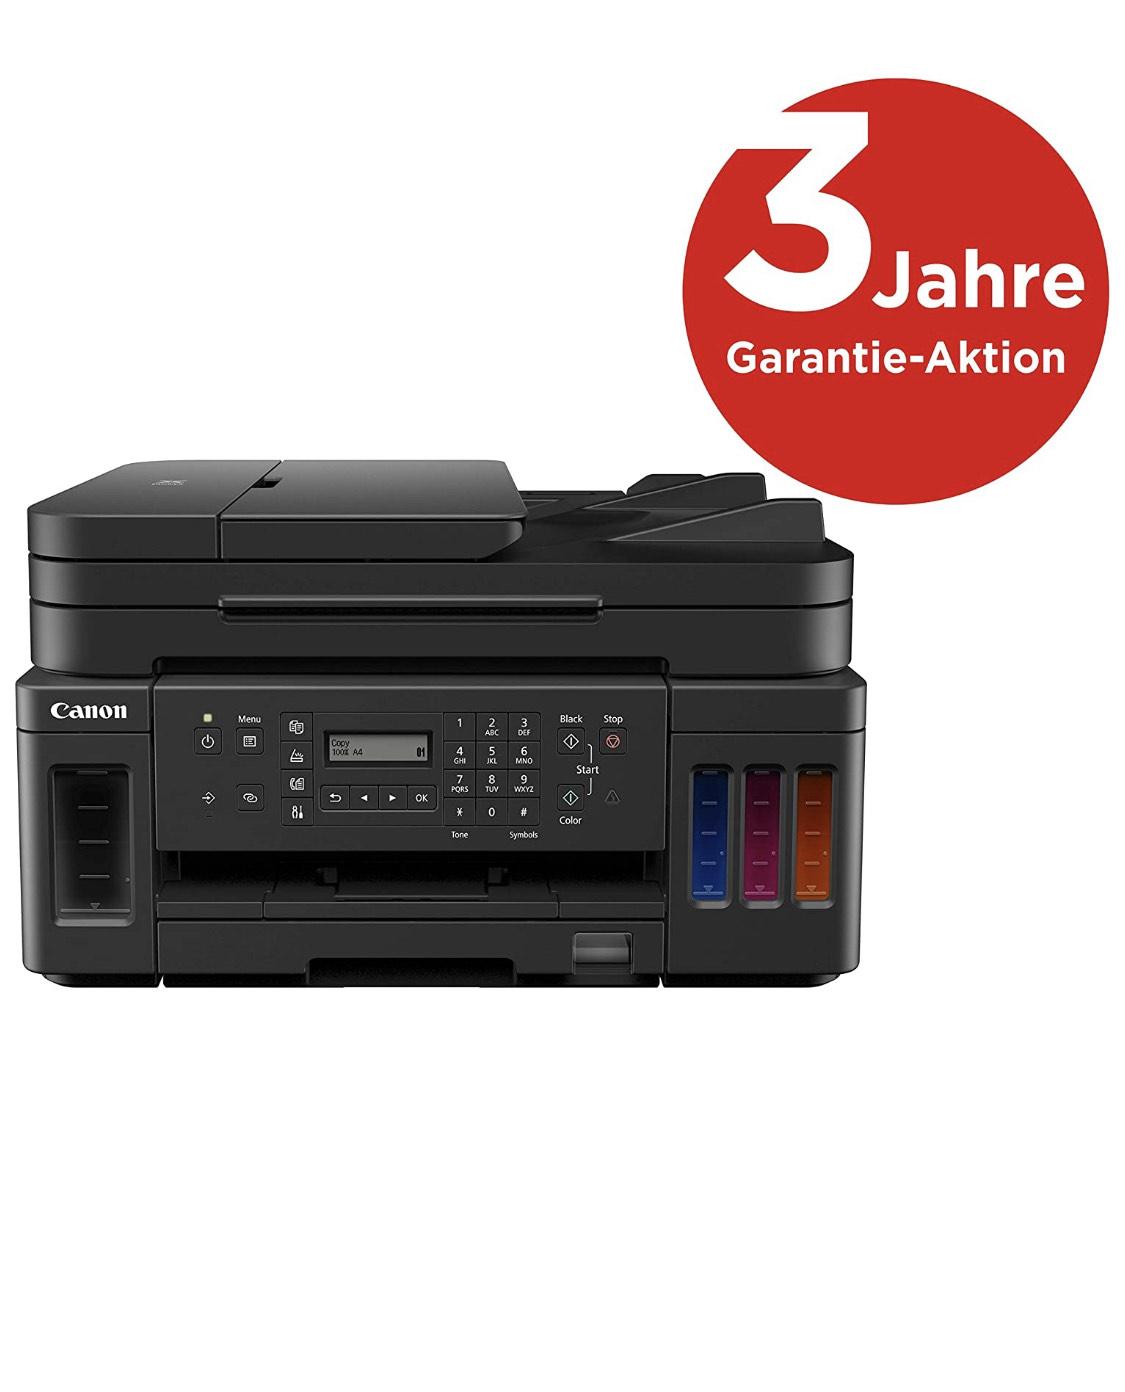 Canon PIXMA G7050 - Tintenstrahldrucker mit Tintentanks und Scanfunktion